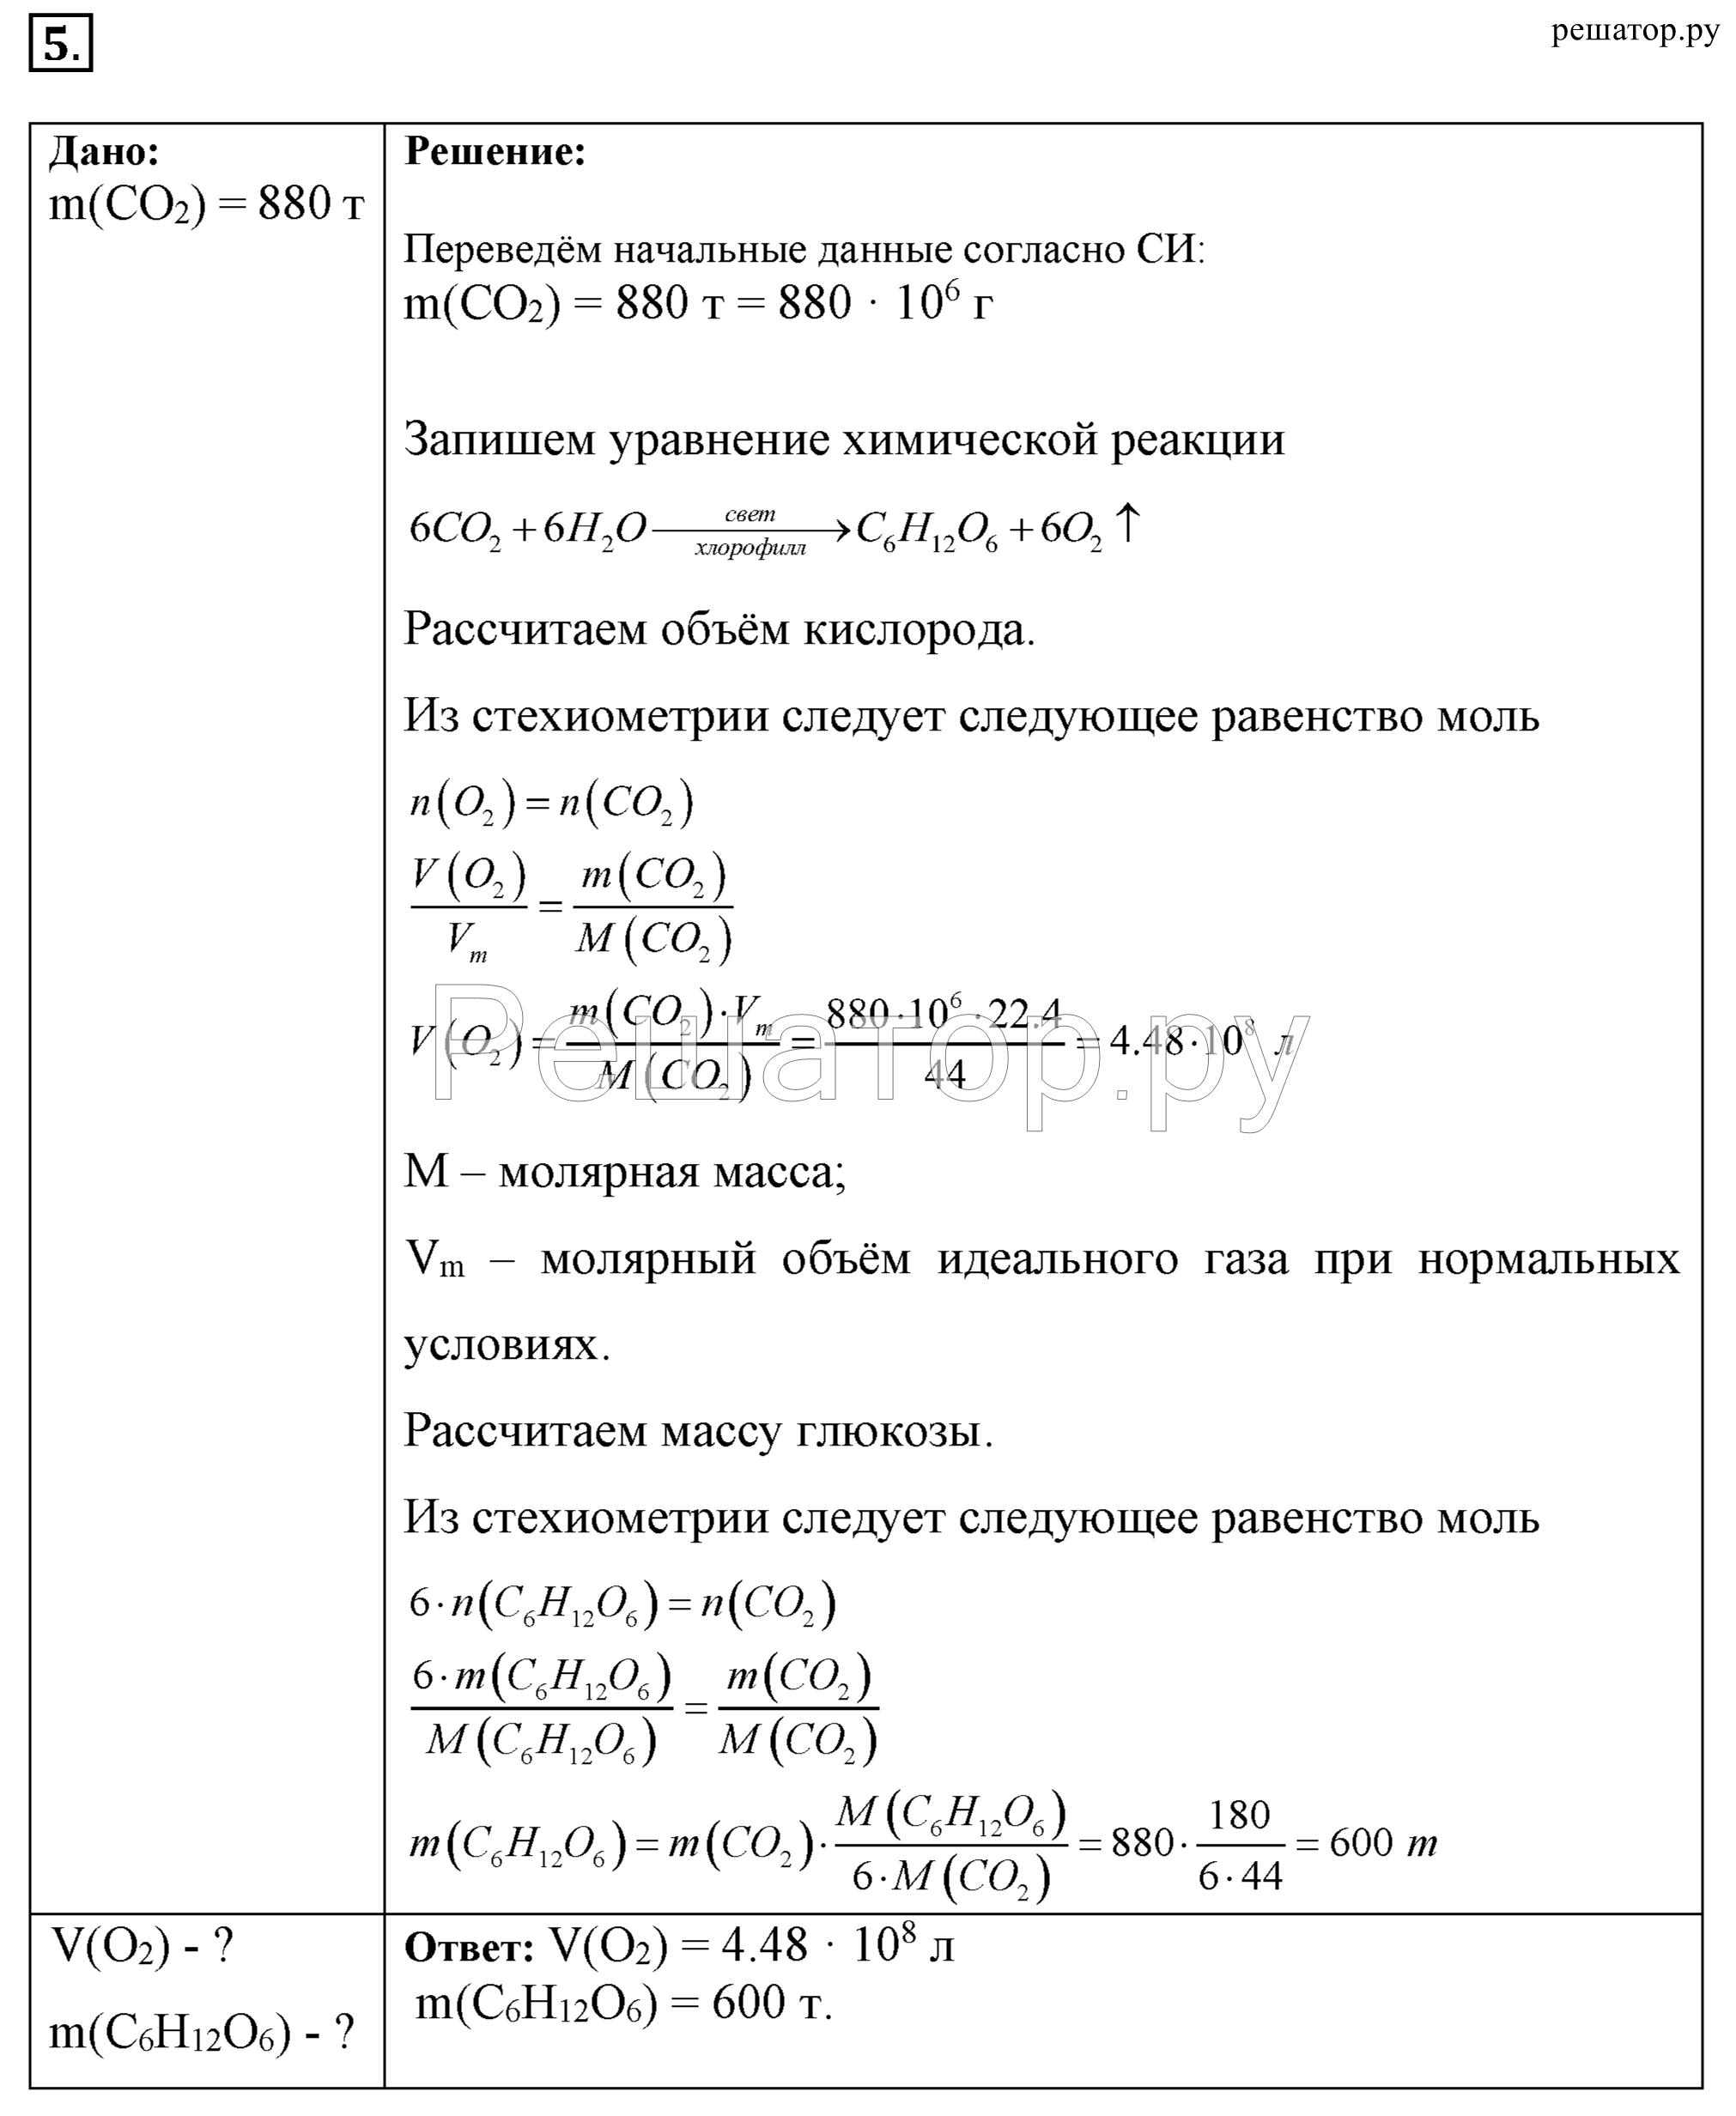 Гдз по химии 10 класс габриелян с подробными ответами.